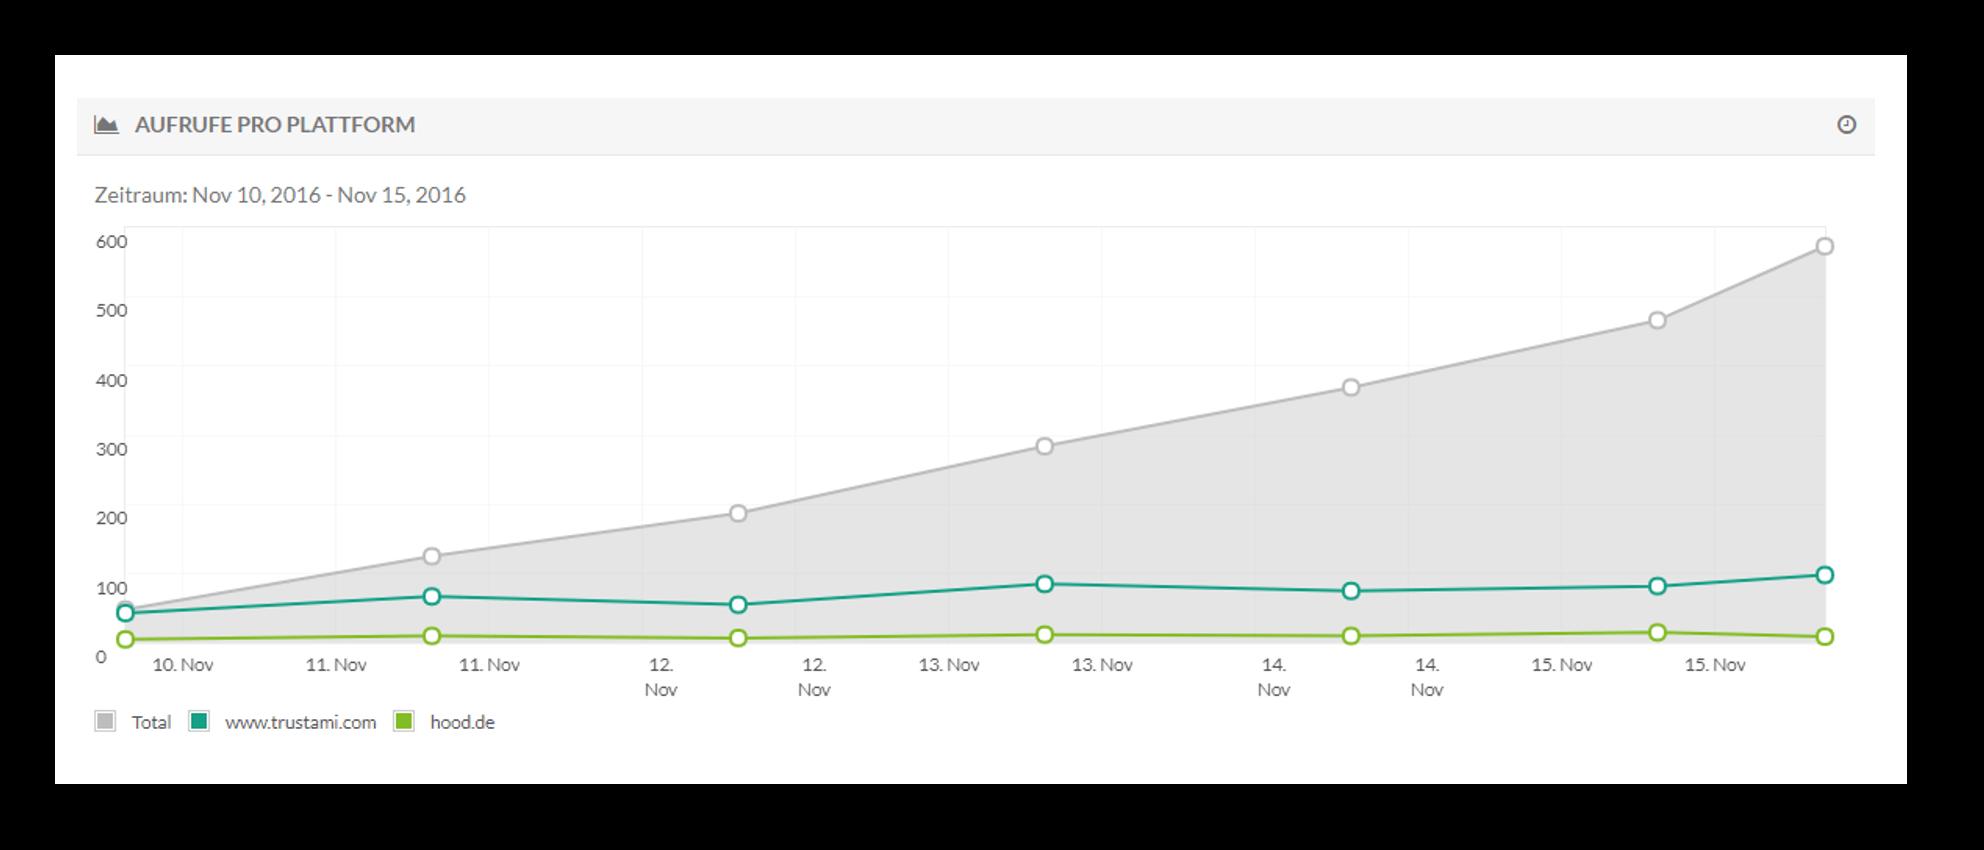 Trustami Graph 2